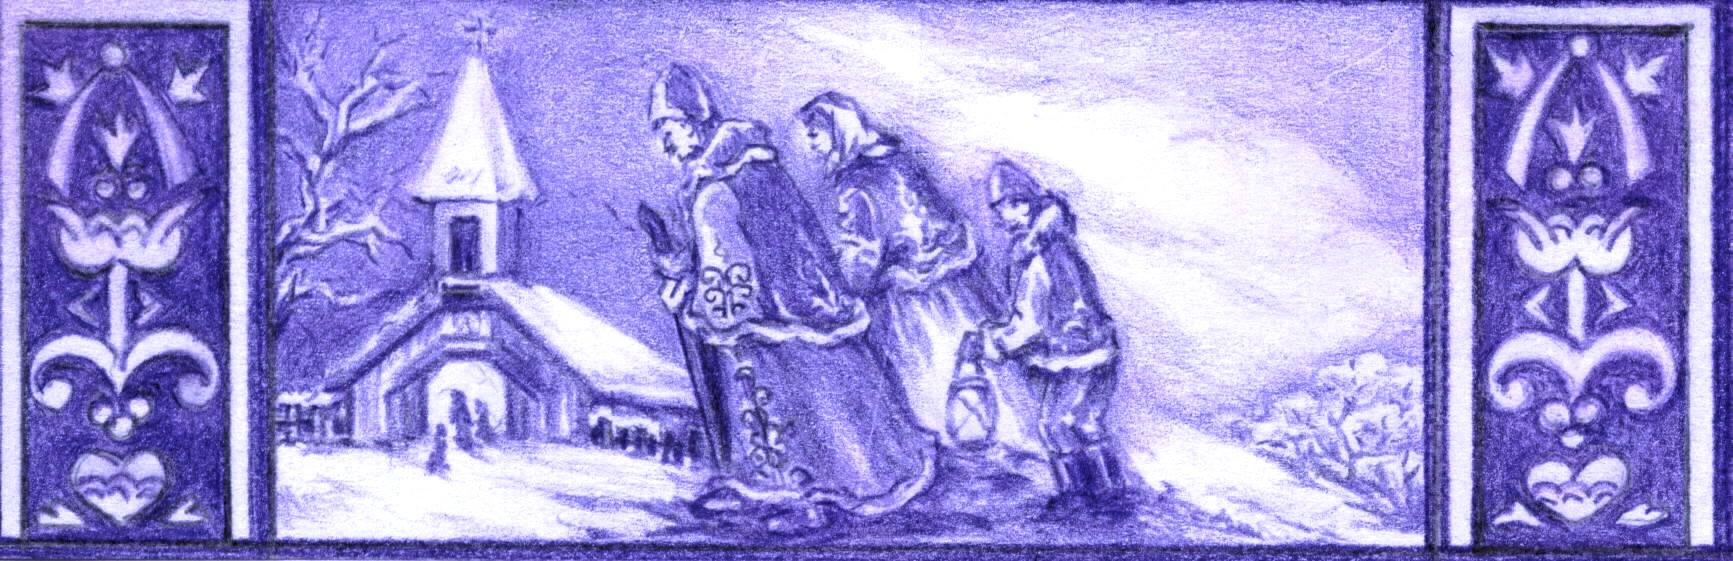 Bélyegkép